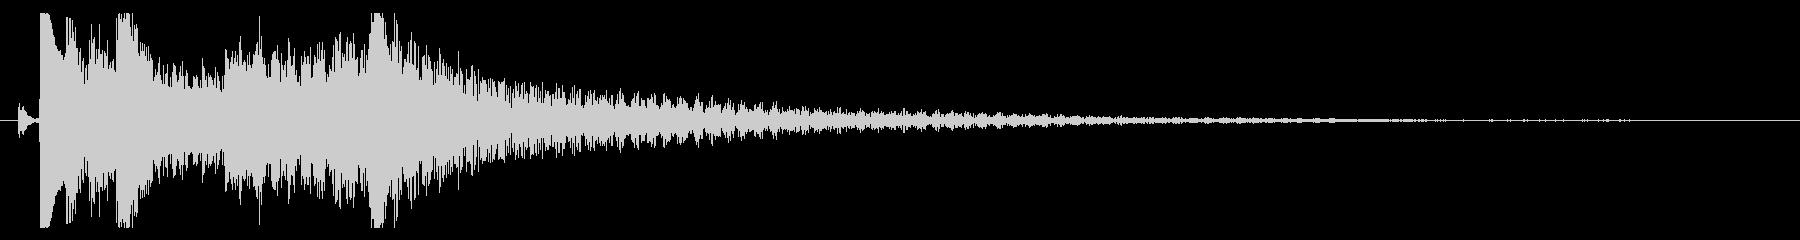 琴の駆け下がりの効果音の未再生の波形